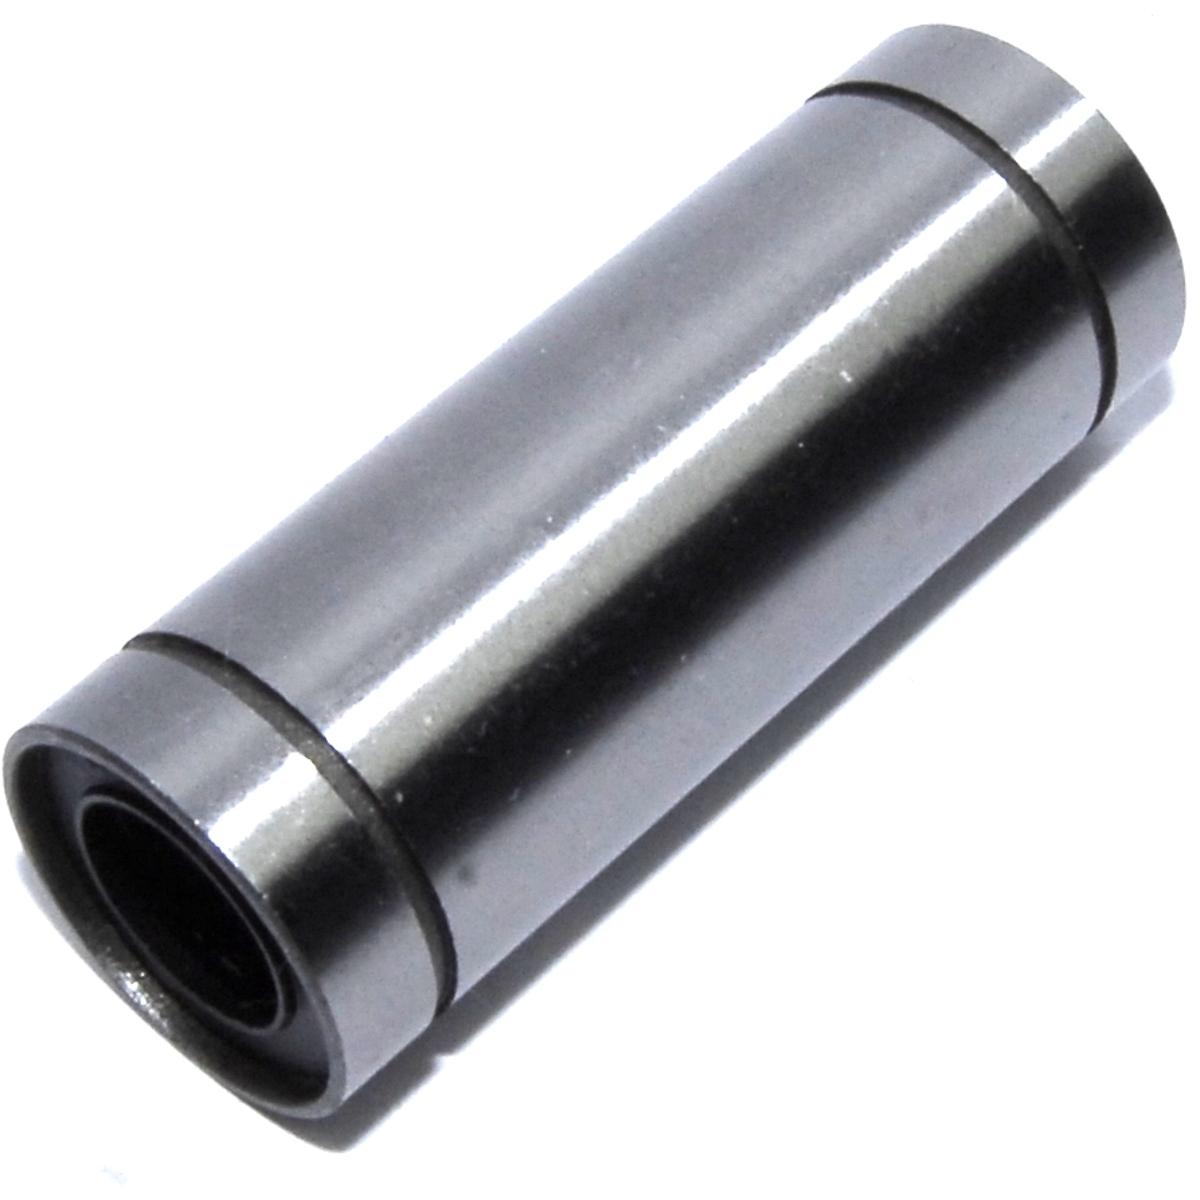 Lmxxuu Lineal Rodamiento Cojinete 6 8 10 12 20mm Cnc Impresora 3D RepRap Taller de flujo